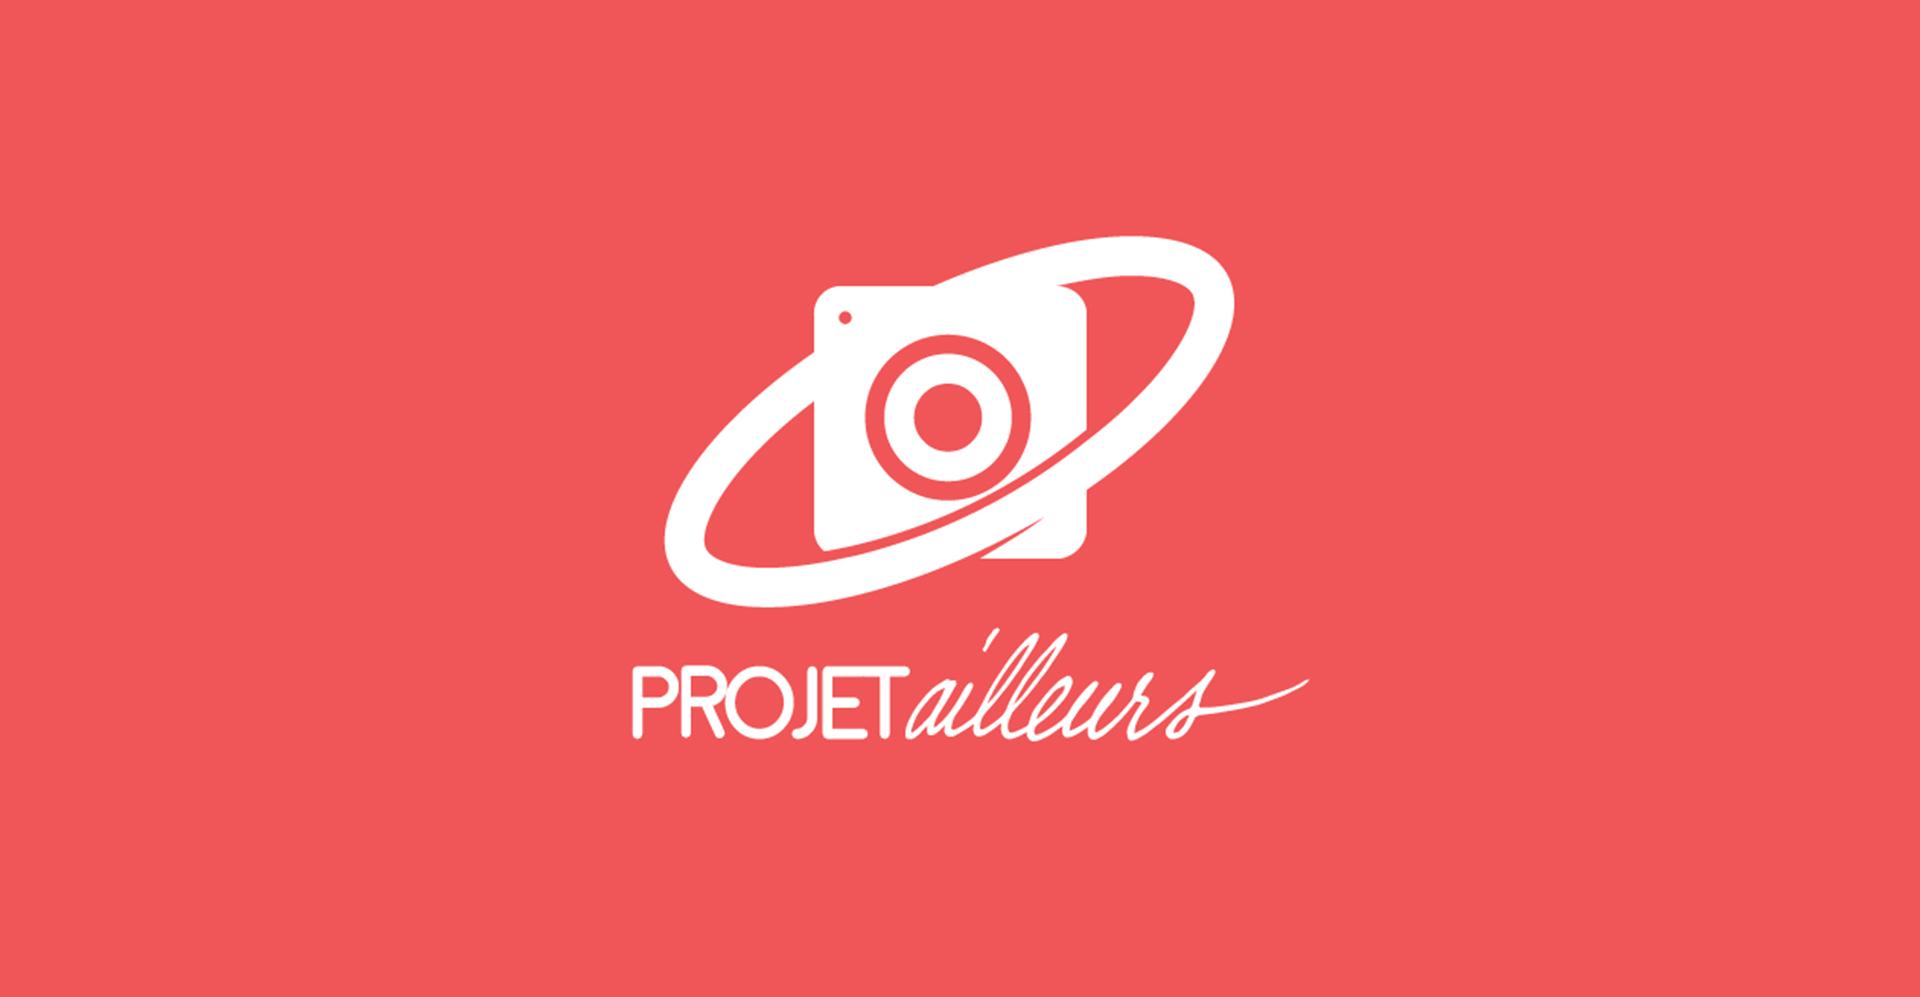 Projet Ailleurs